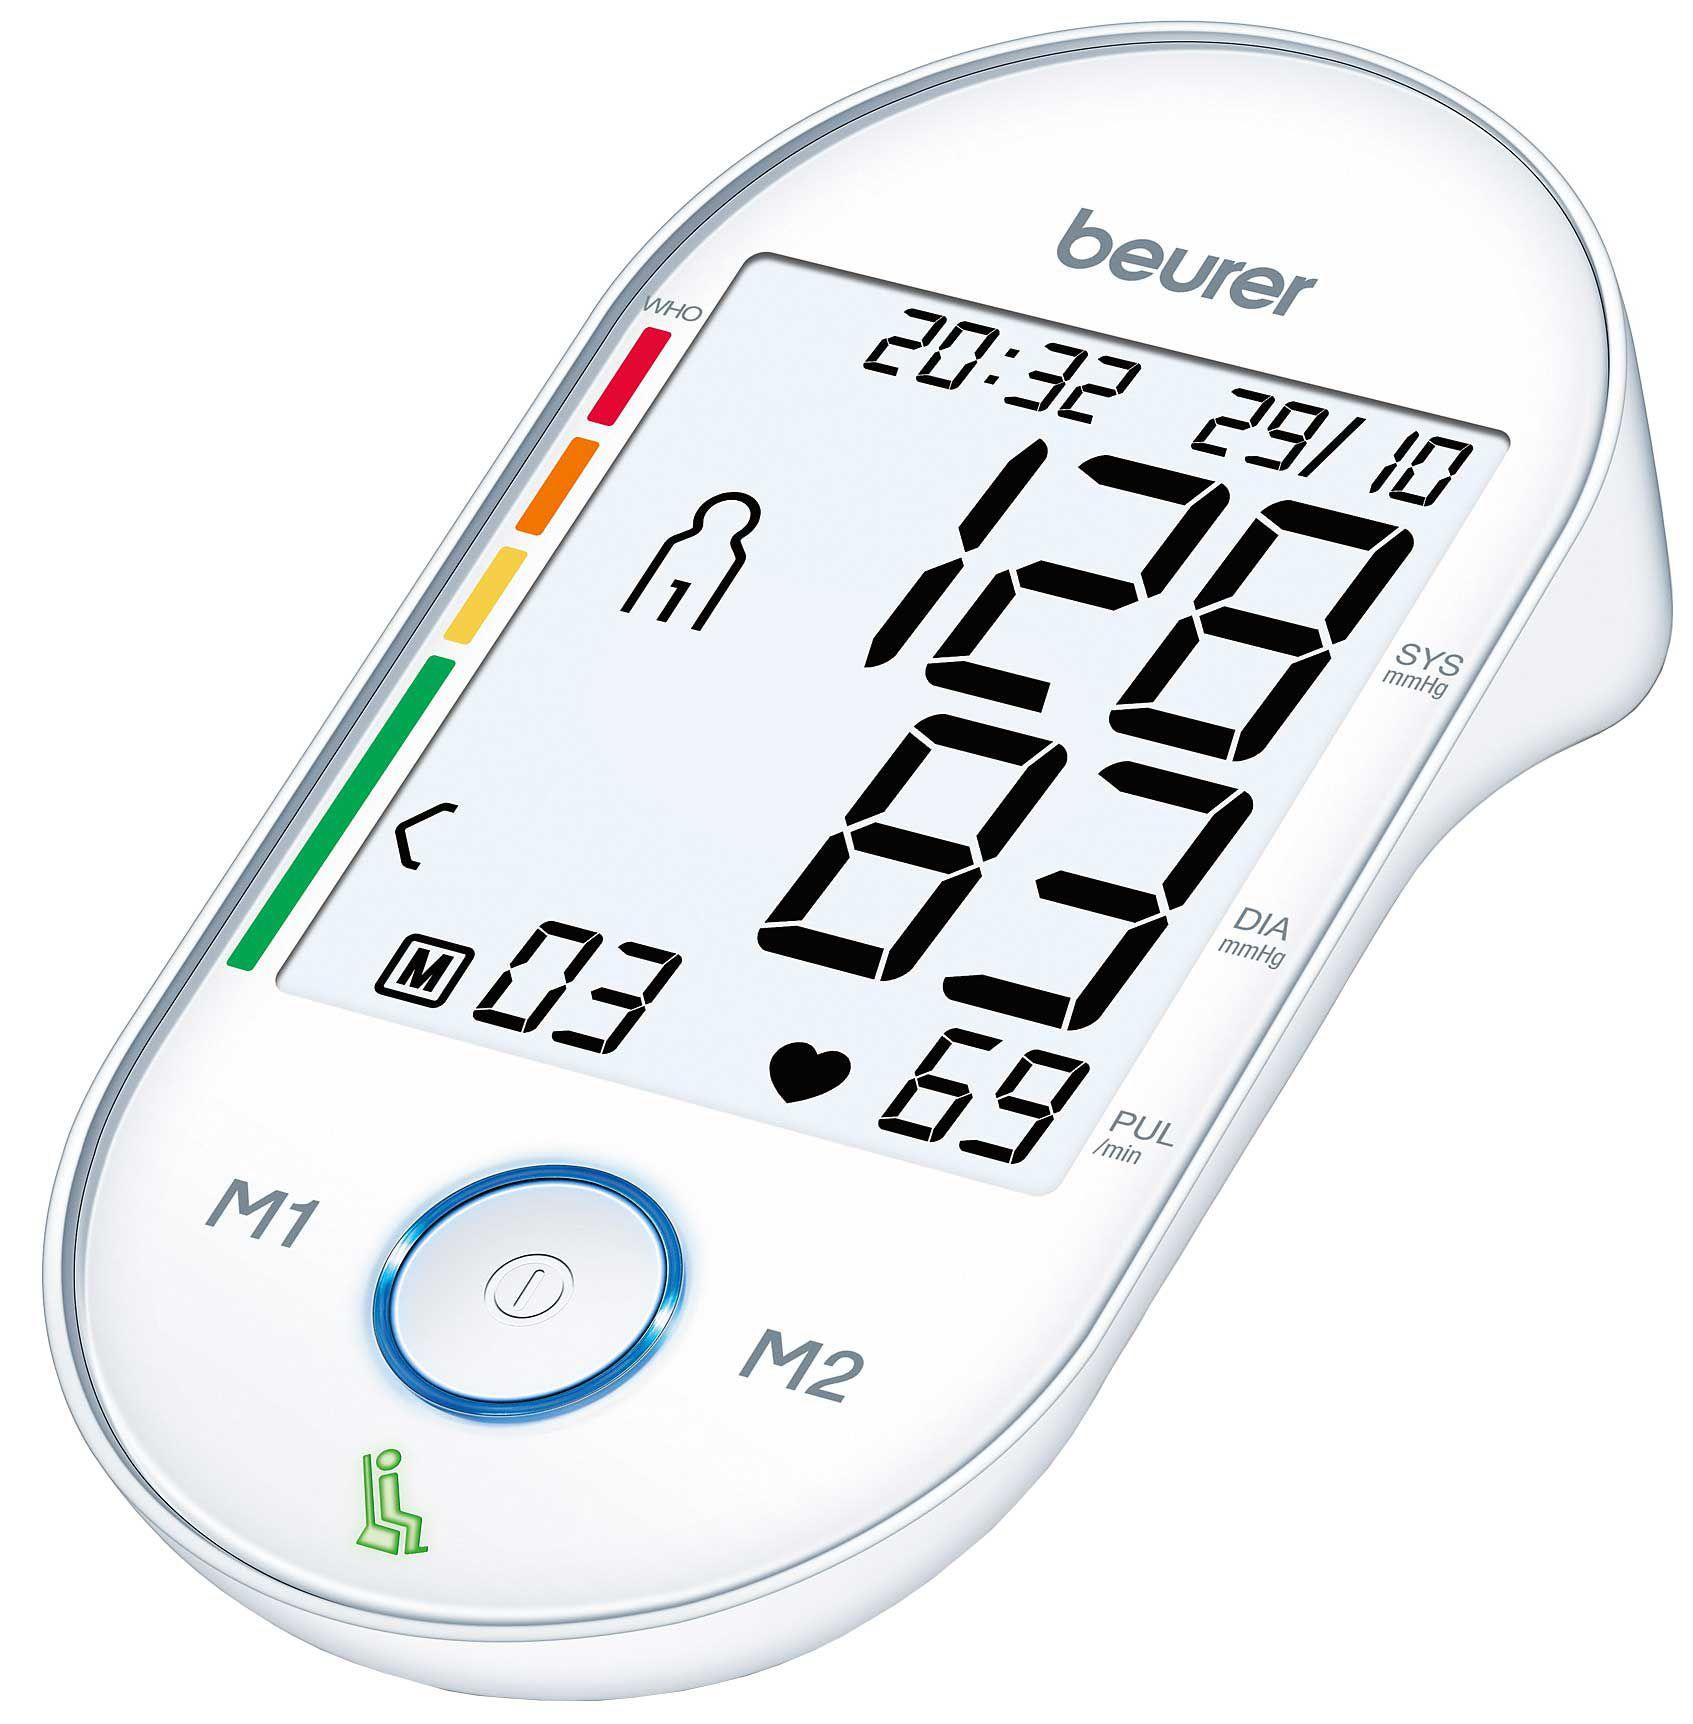 Beurer BM 55 asinsspiediena mērītājs